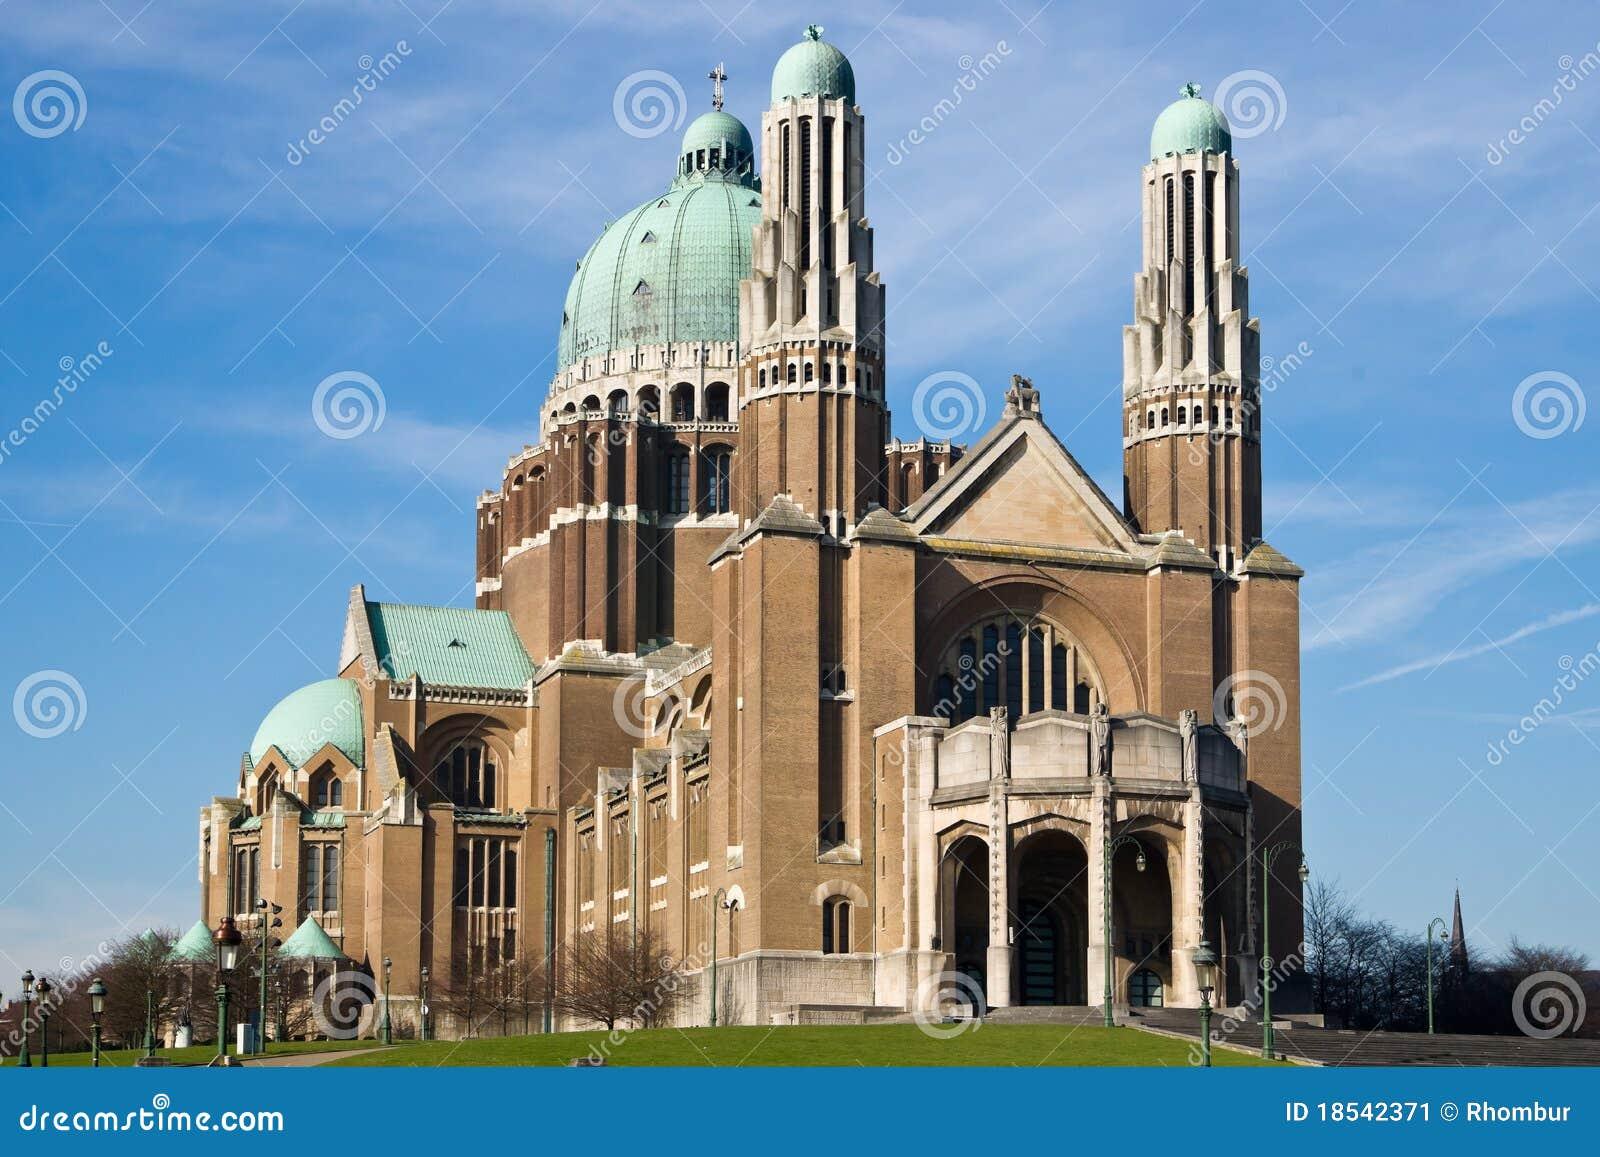 Basilique National du Sacre-Coeur